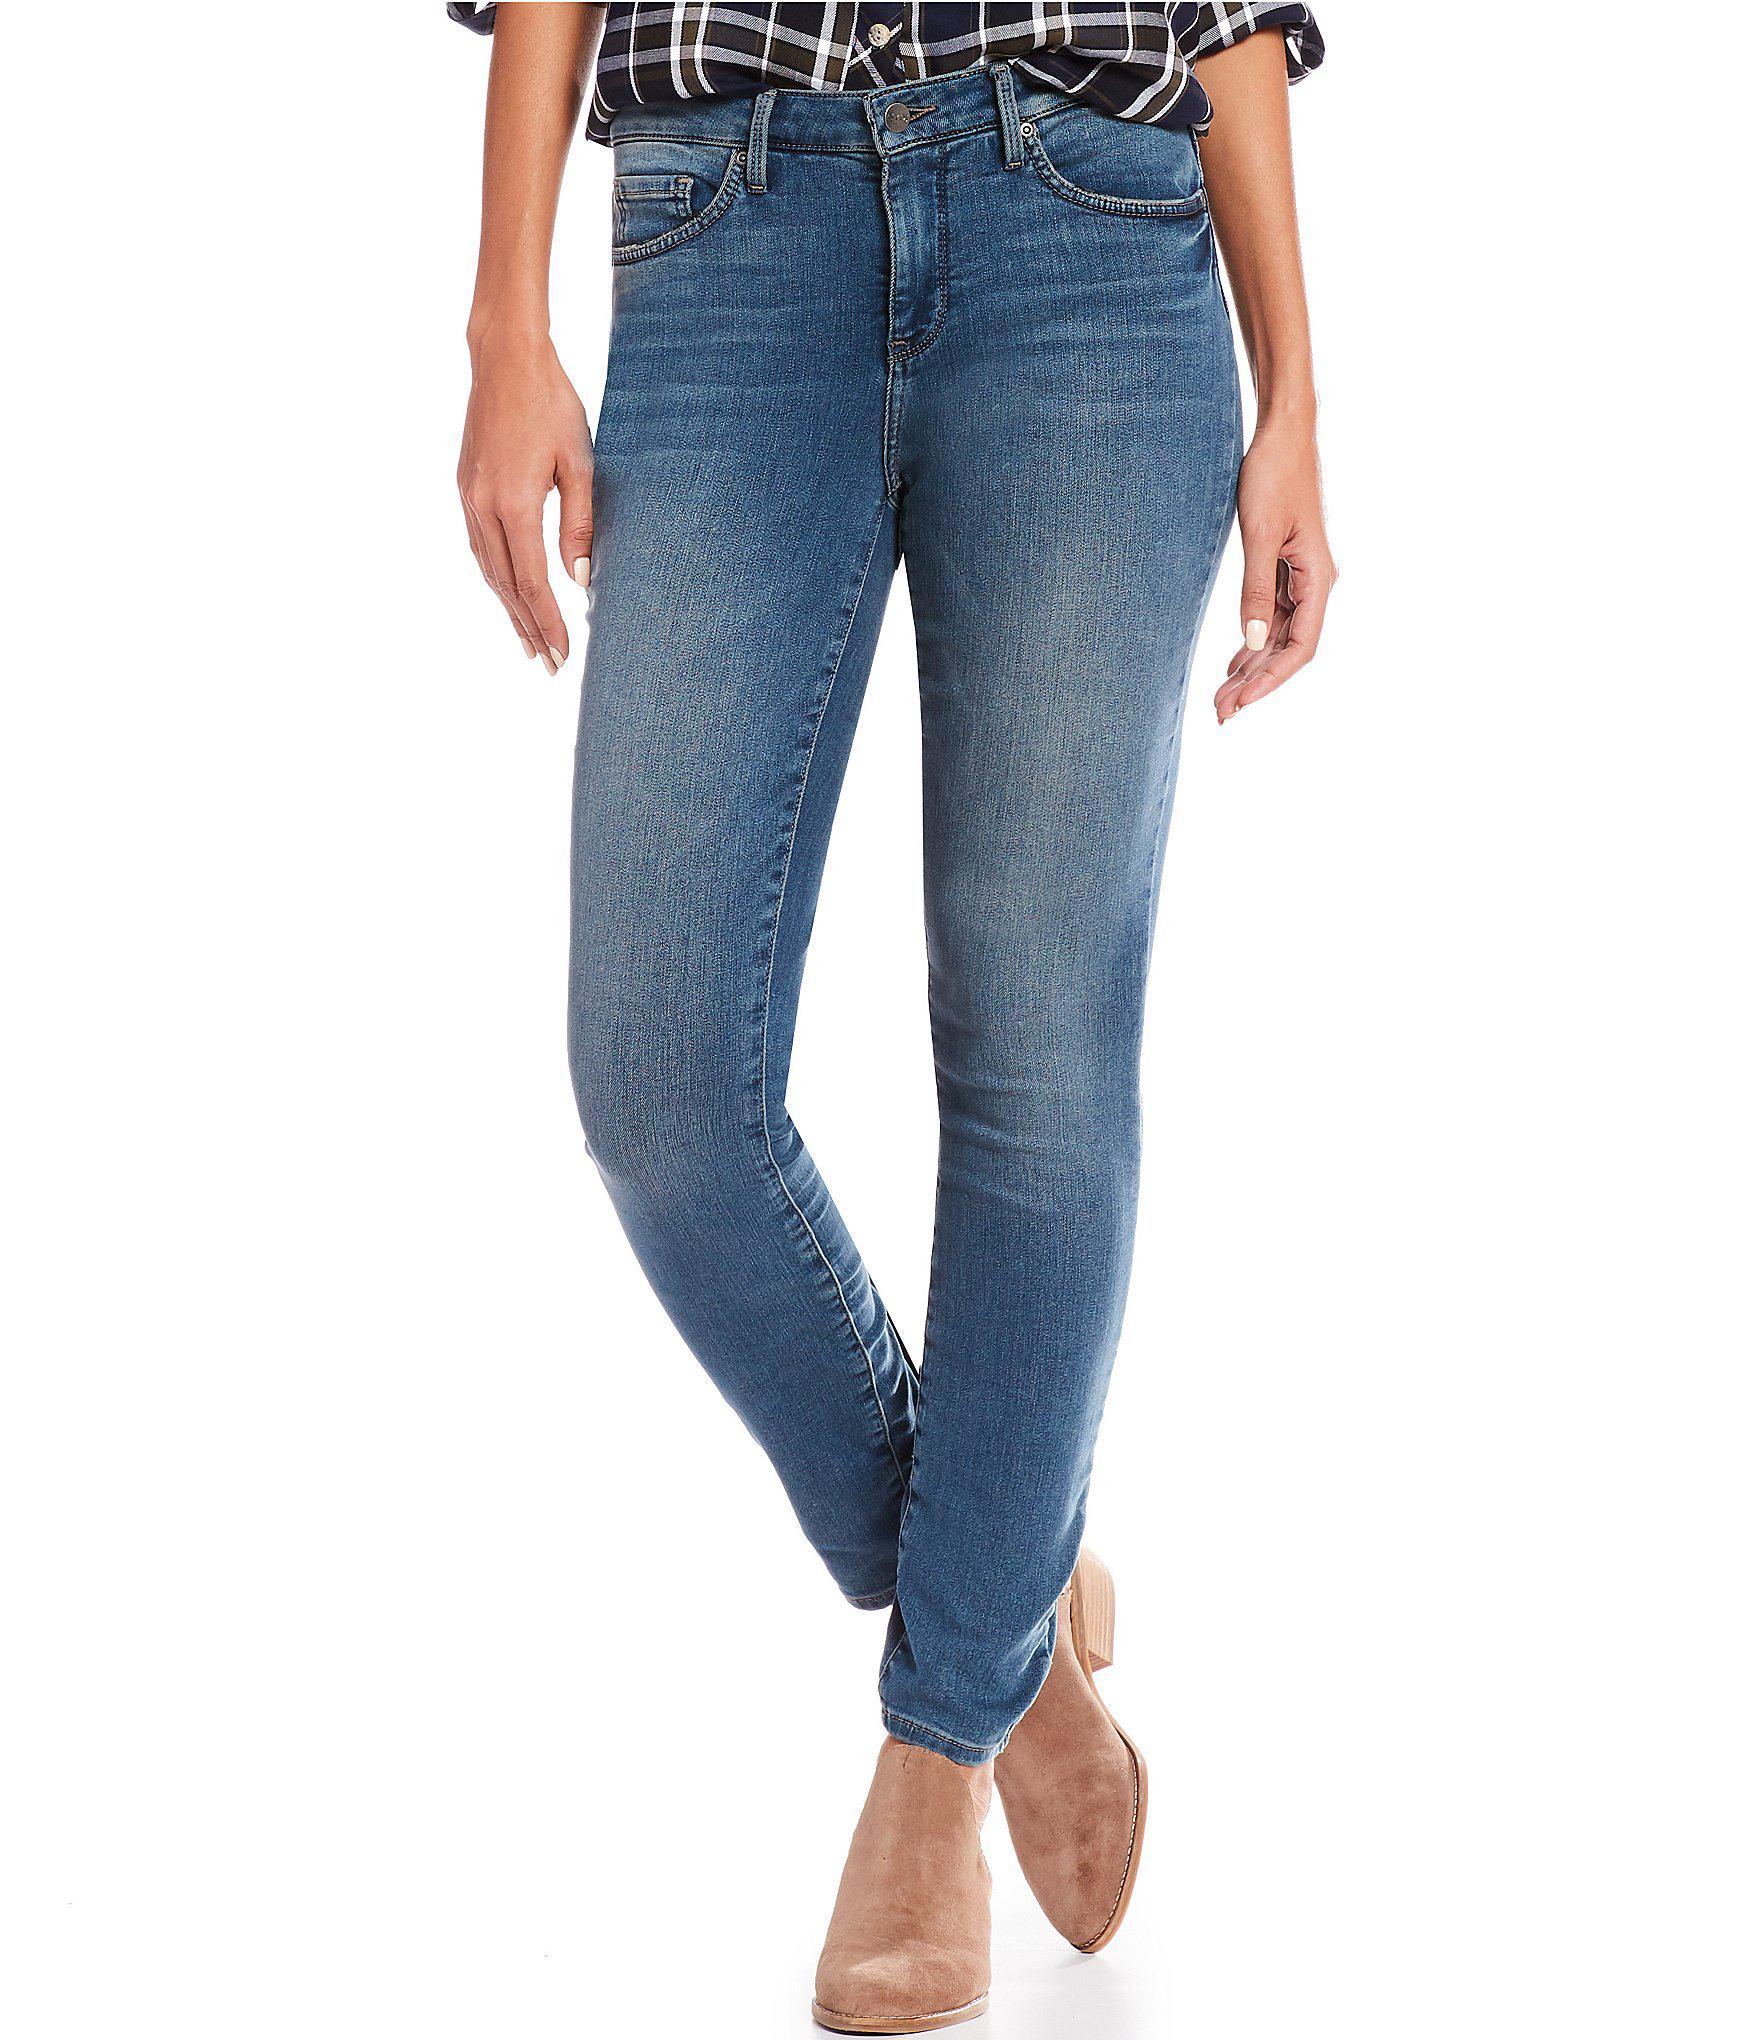 da6ab80abb Lyst - NYDJ Uplift Ami Skinny Leg Jeans In Future Fit Denim in Blue